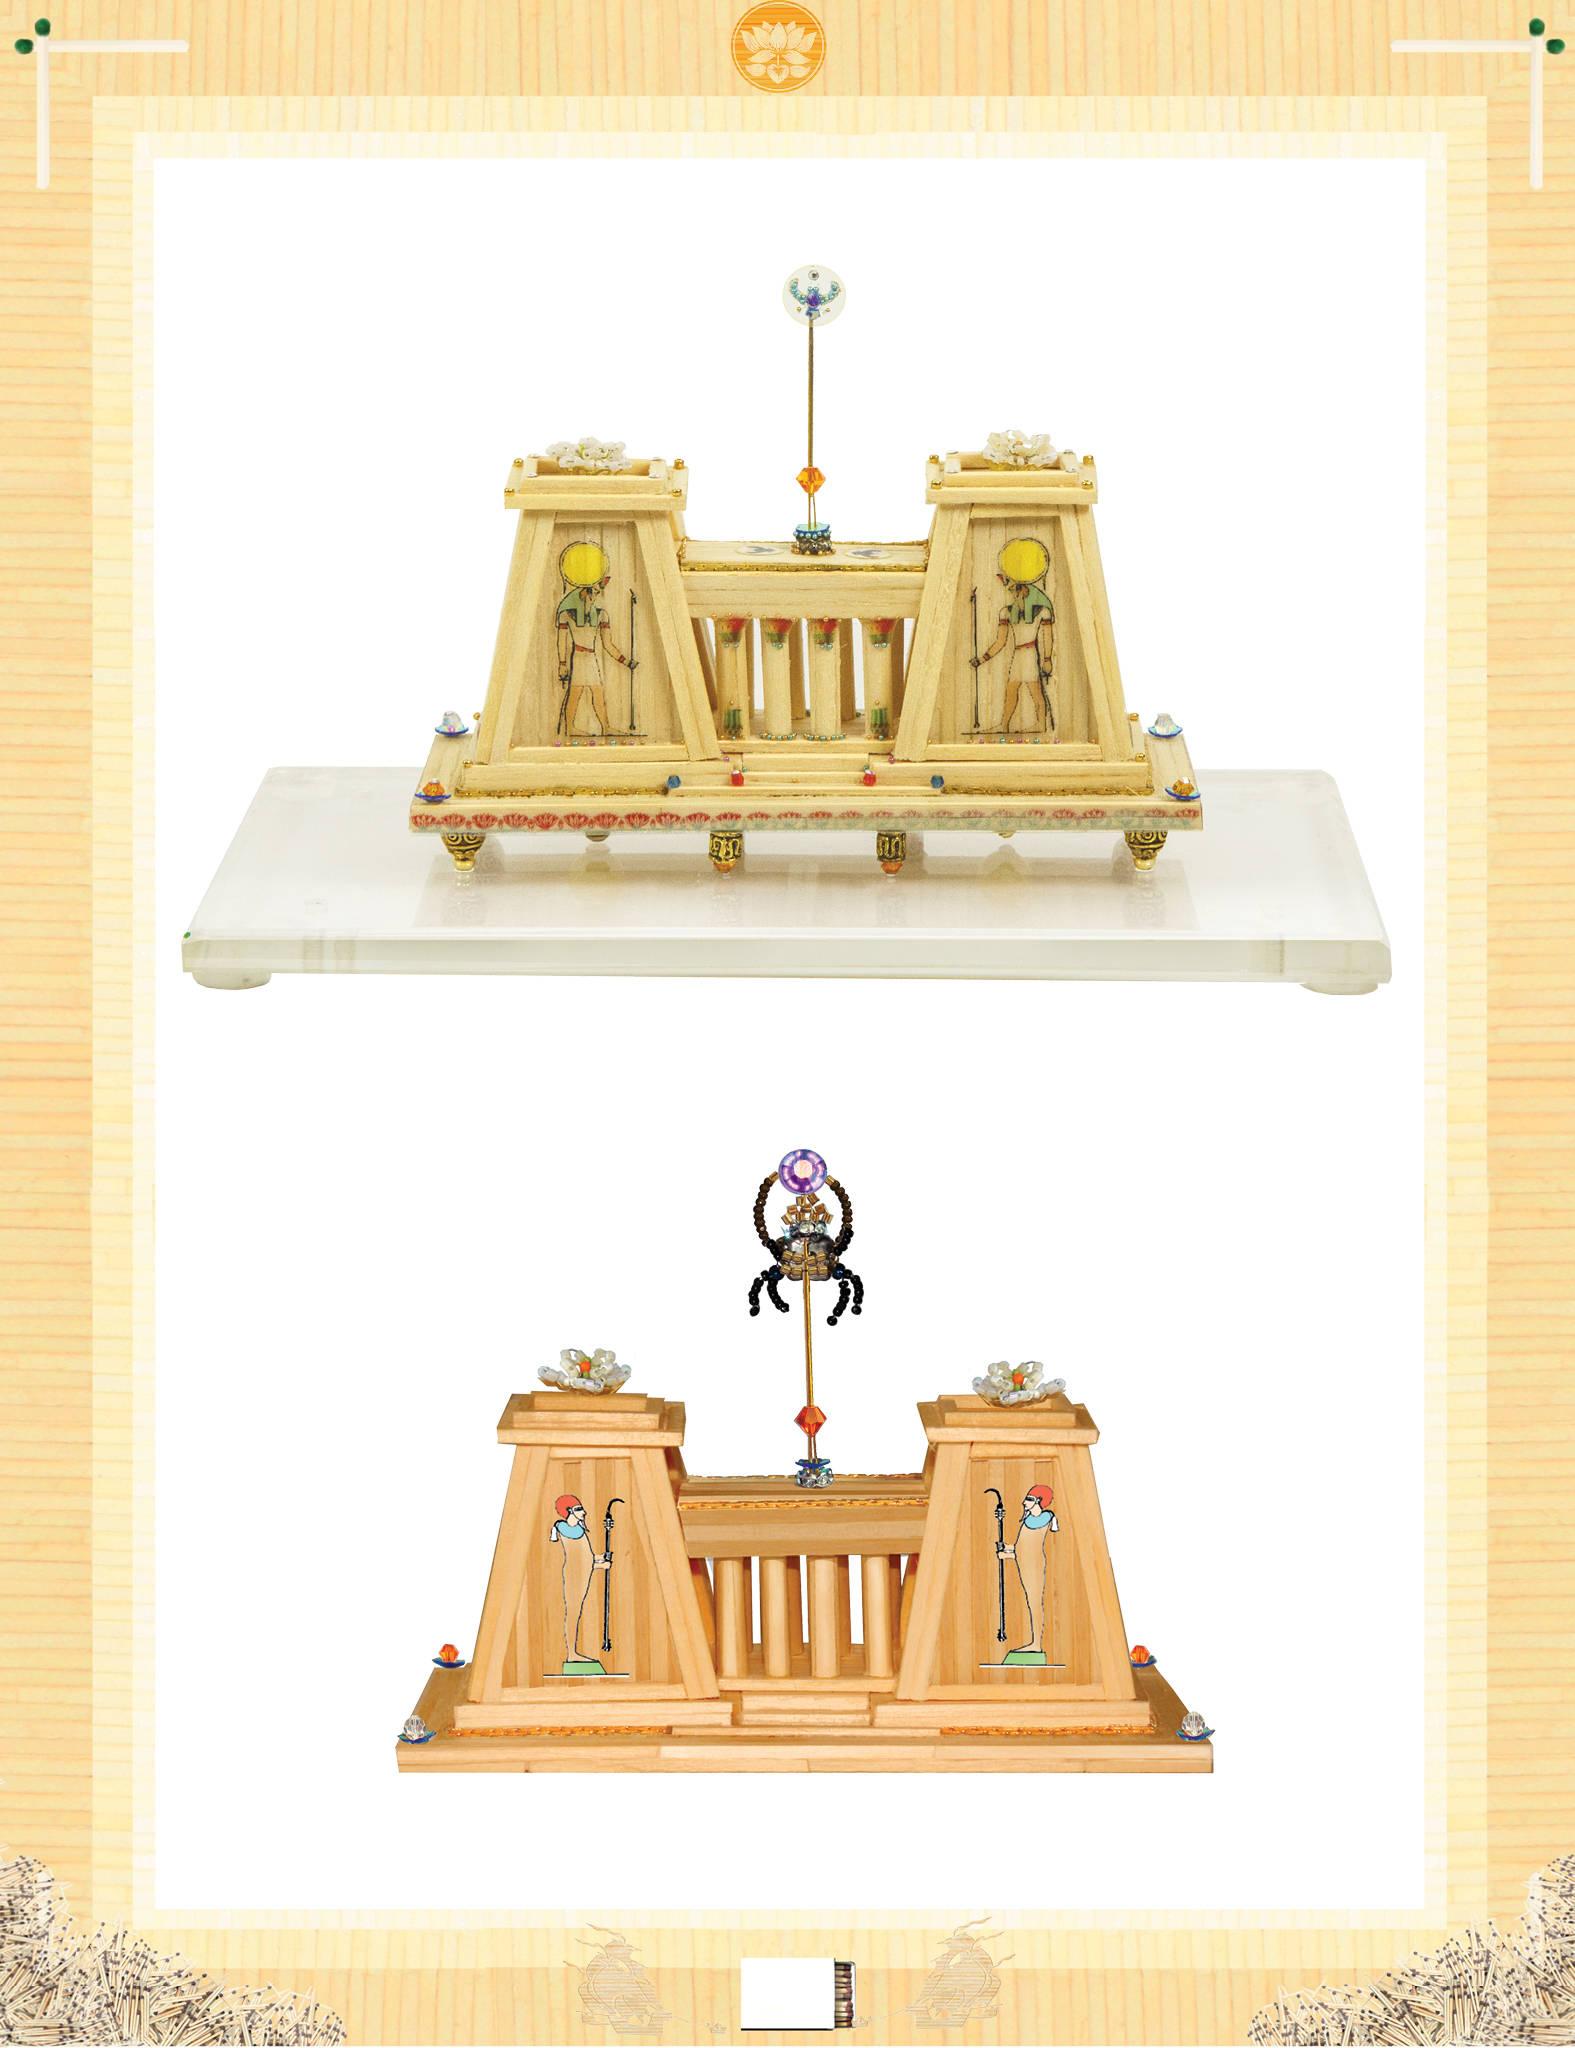 «ВОРОТА РА»  2009, 2016  Спички, бусины и клеевые стразы Swarovski, бисер, бусины, стеклярус, цепочки,  компьютерная графика.  45 x 110 x 80 мм.  Вес – 0,45 кг. РА – верховное божество, бог Солнца в Египте. Композиция «Ворота РА» открывает коллекцию миниатюрных храмов не случайно. Египет, как одна из колыбелей человечества, оказал и продолжает оказывать огромное влияние на религиозную, культурную и научную жизнь людей. На создание этой работы авторов равно вдохновляли, как сохранившиеся архитектурные комплексы Фив и Луксора, так и реконструкции храмов Амарны и более поздних эпох. Спичечную основу сооружения украшают выплетенные из бисера наиболее важные символы египетского пантеона: знаки «Анх» (египетский крест, означающий вечную жизнь, высшую мудрость, единство земного и Небесного), лотосы (символ чистоты, вырастающей из грязи), Хапри (восходящее солнце), изображения двух важнейших божеств – Ра и Птаха.  ВОРОТА РА ~ GATES OF RA ~ БРАМА РА  https://www.youtube.com/watch?v=bXojXCjF_ow